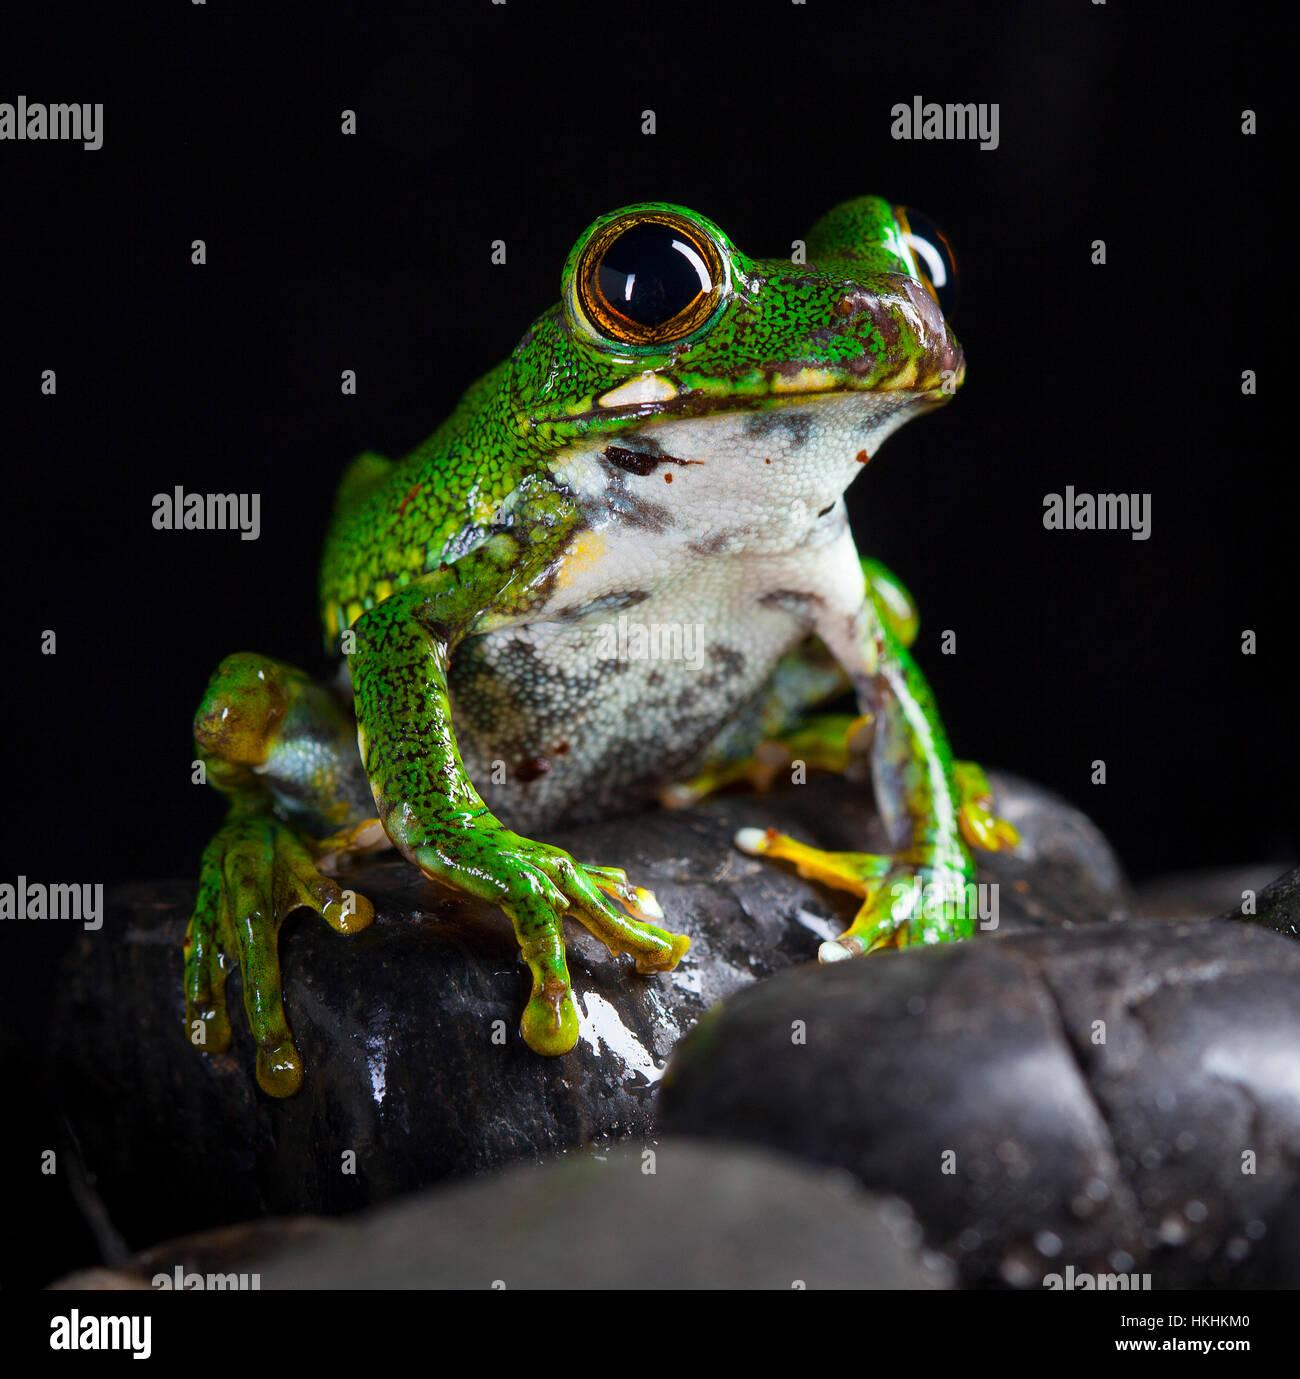 Leptopelis Vermiculatus Frosch im Studio mit schwarzem Hintergrund Stockbild